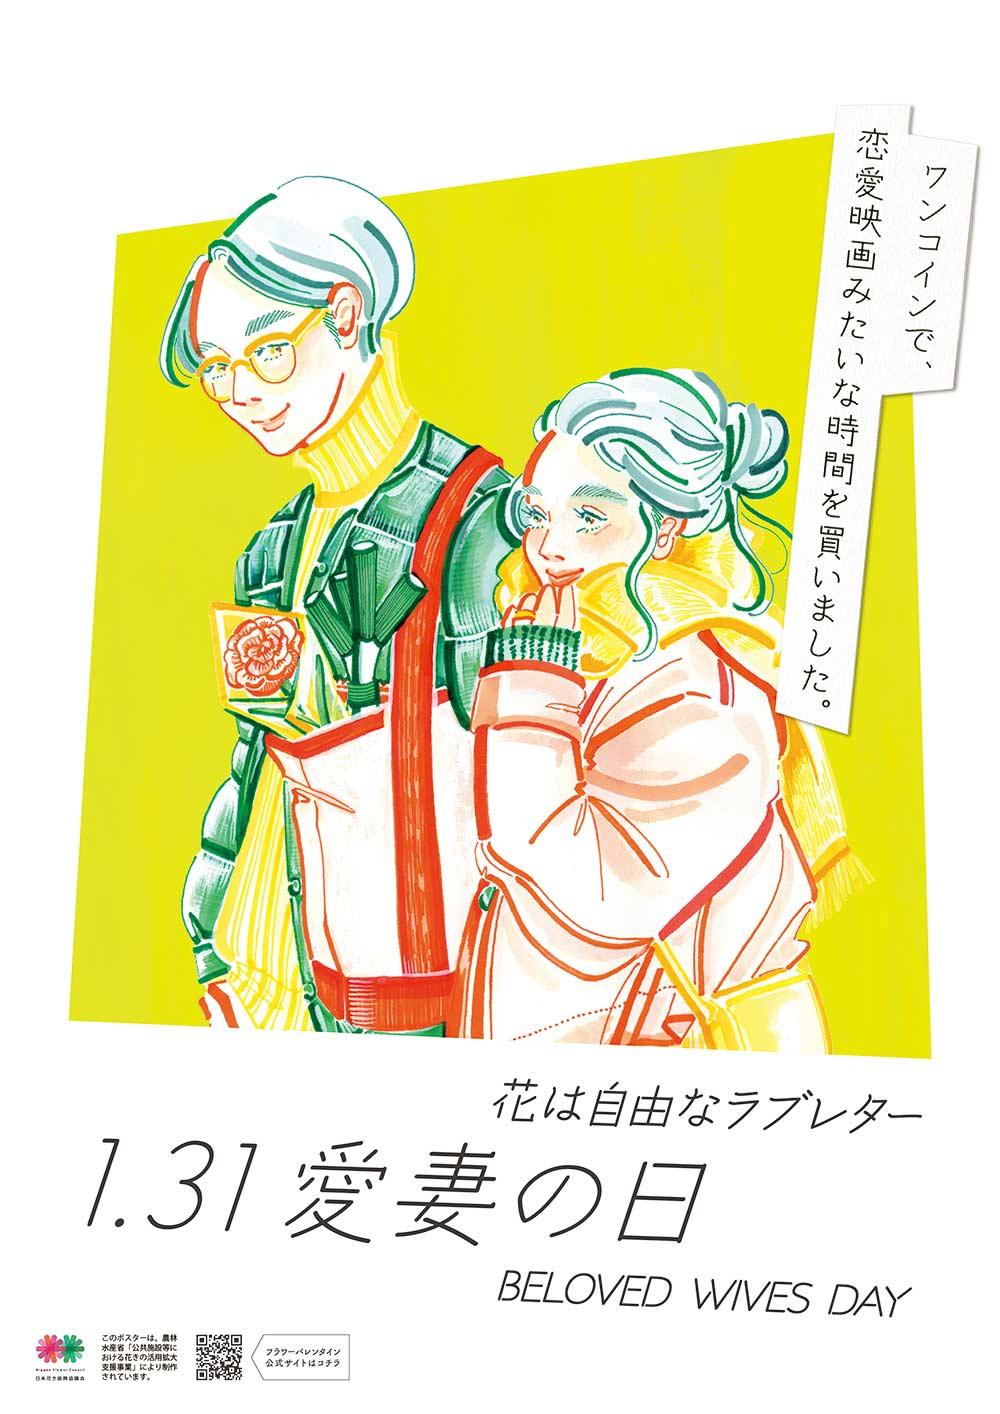 フラワーバレンタイン 「1.31 愛妻の日」ポスター